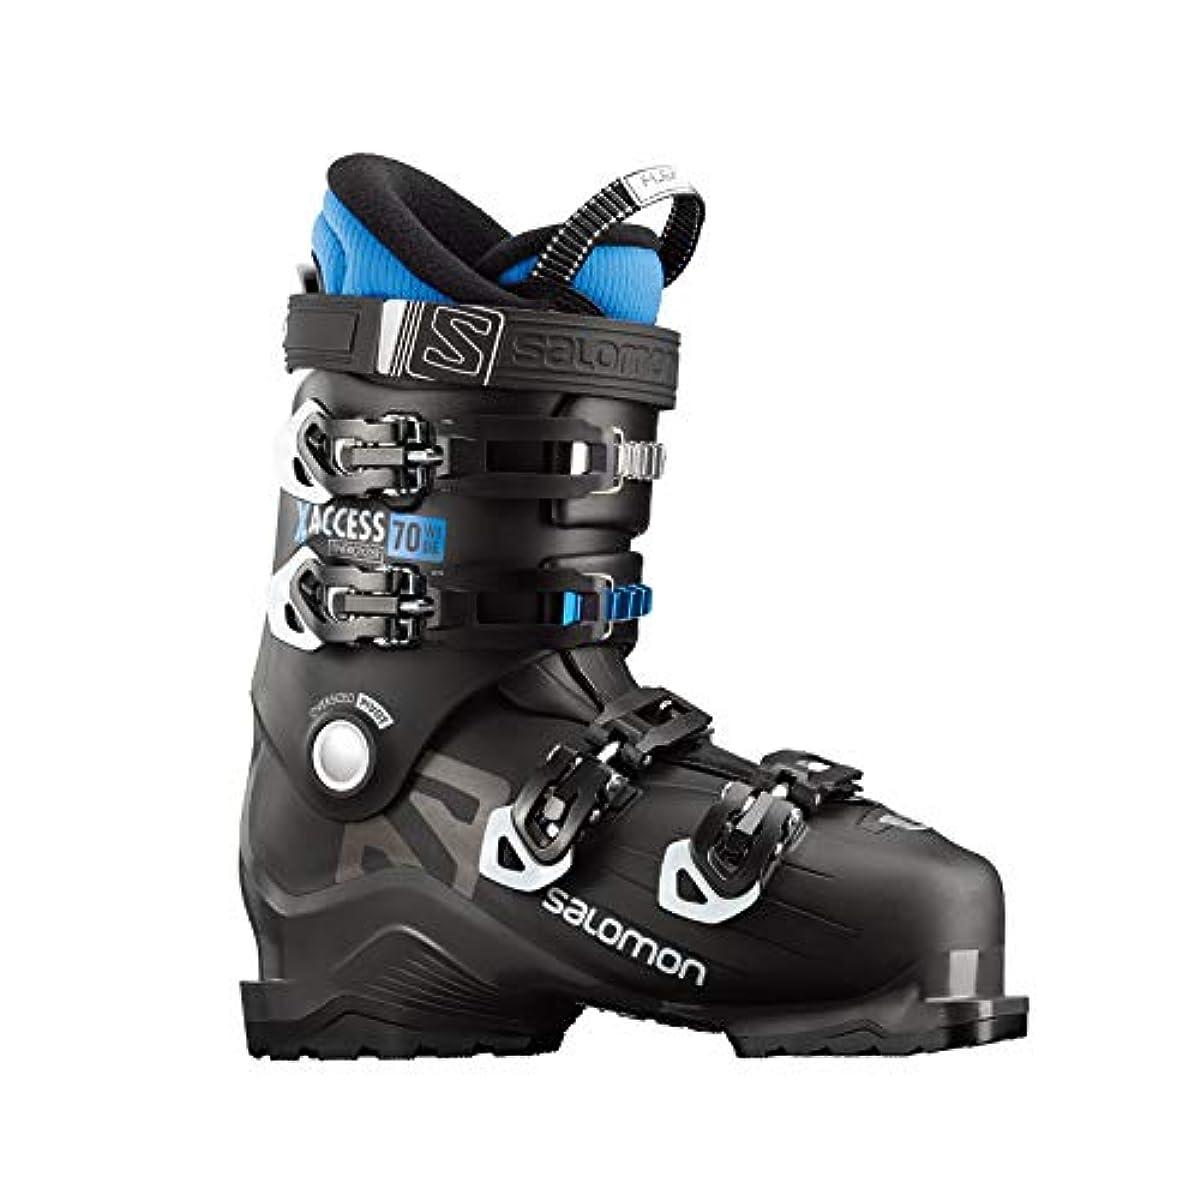 [해외] 살로몬SALOMON 스키화 X ACCESS 70 WIDE X 액세스 70 와이드 L39947400